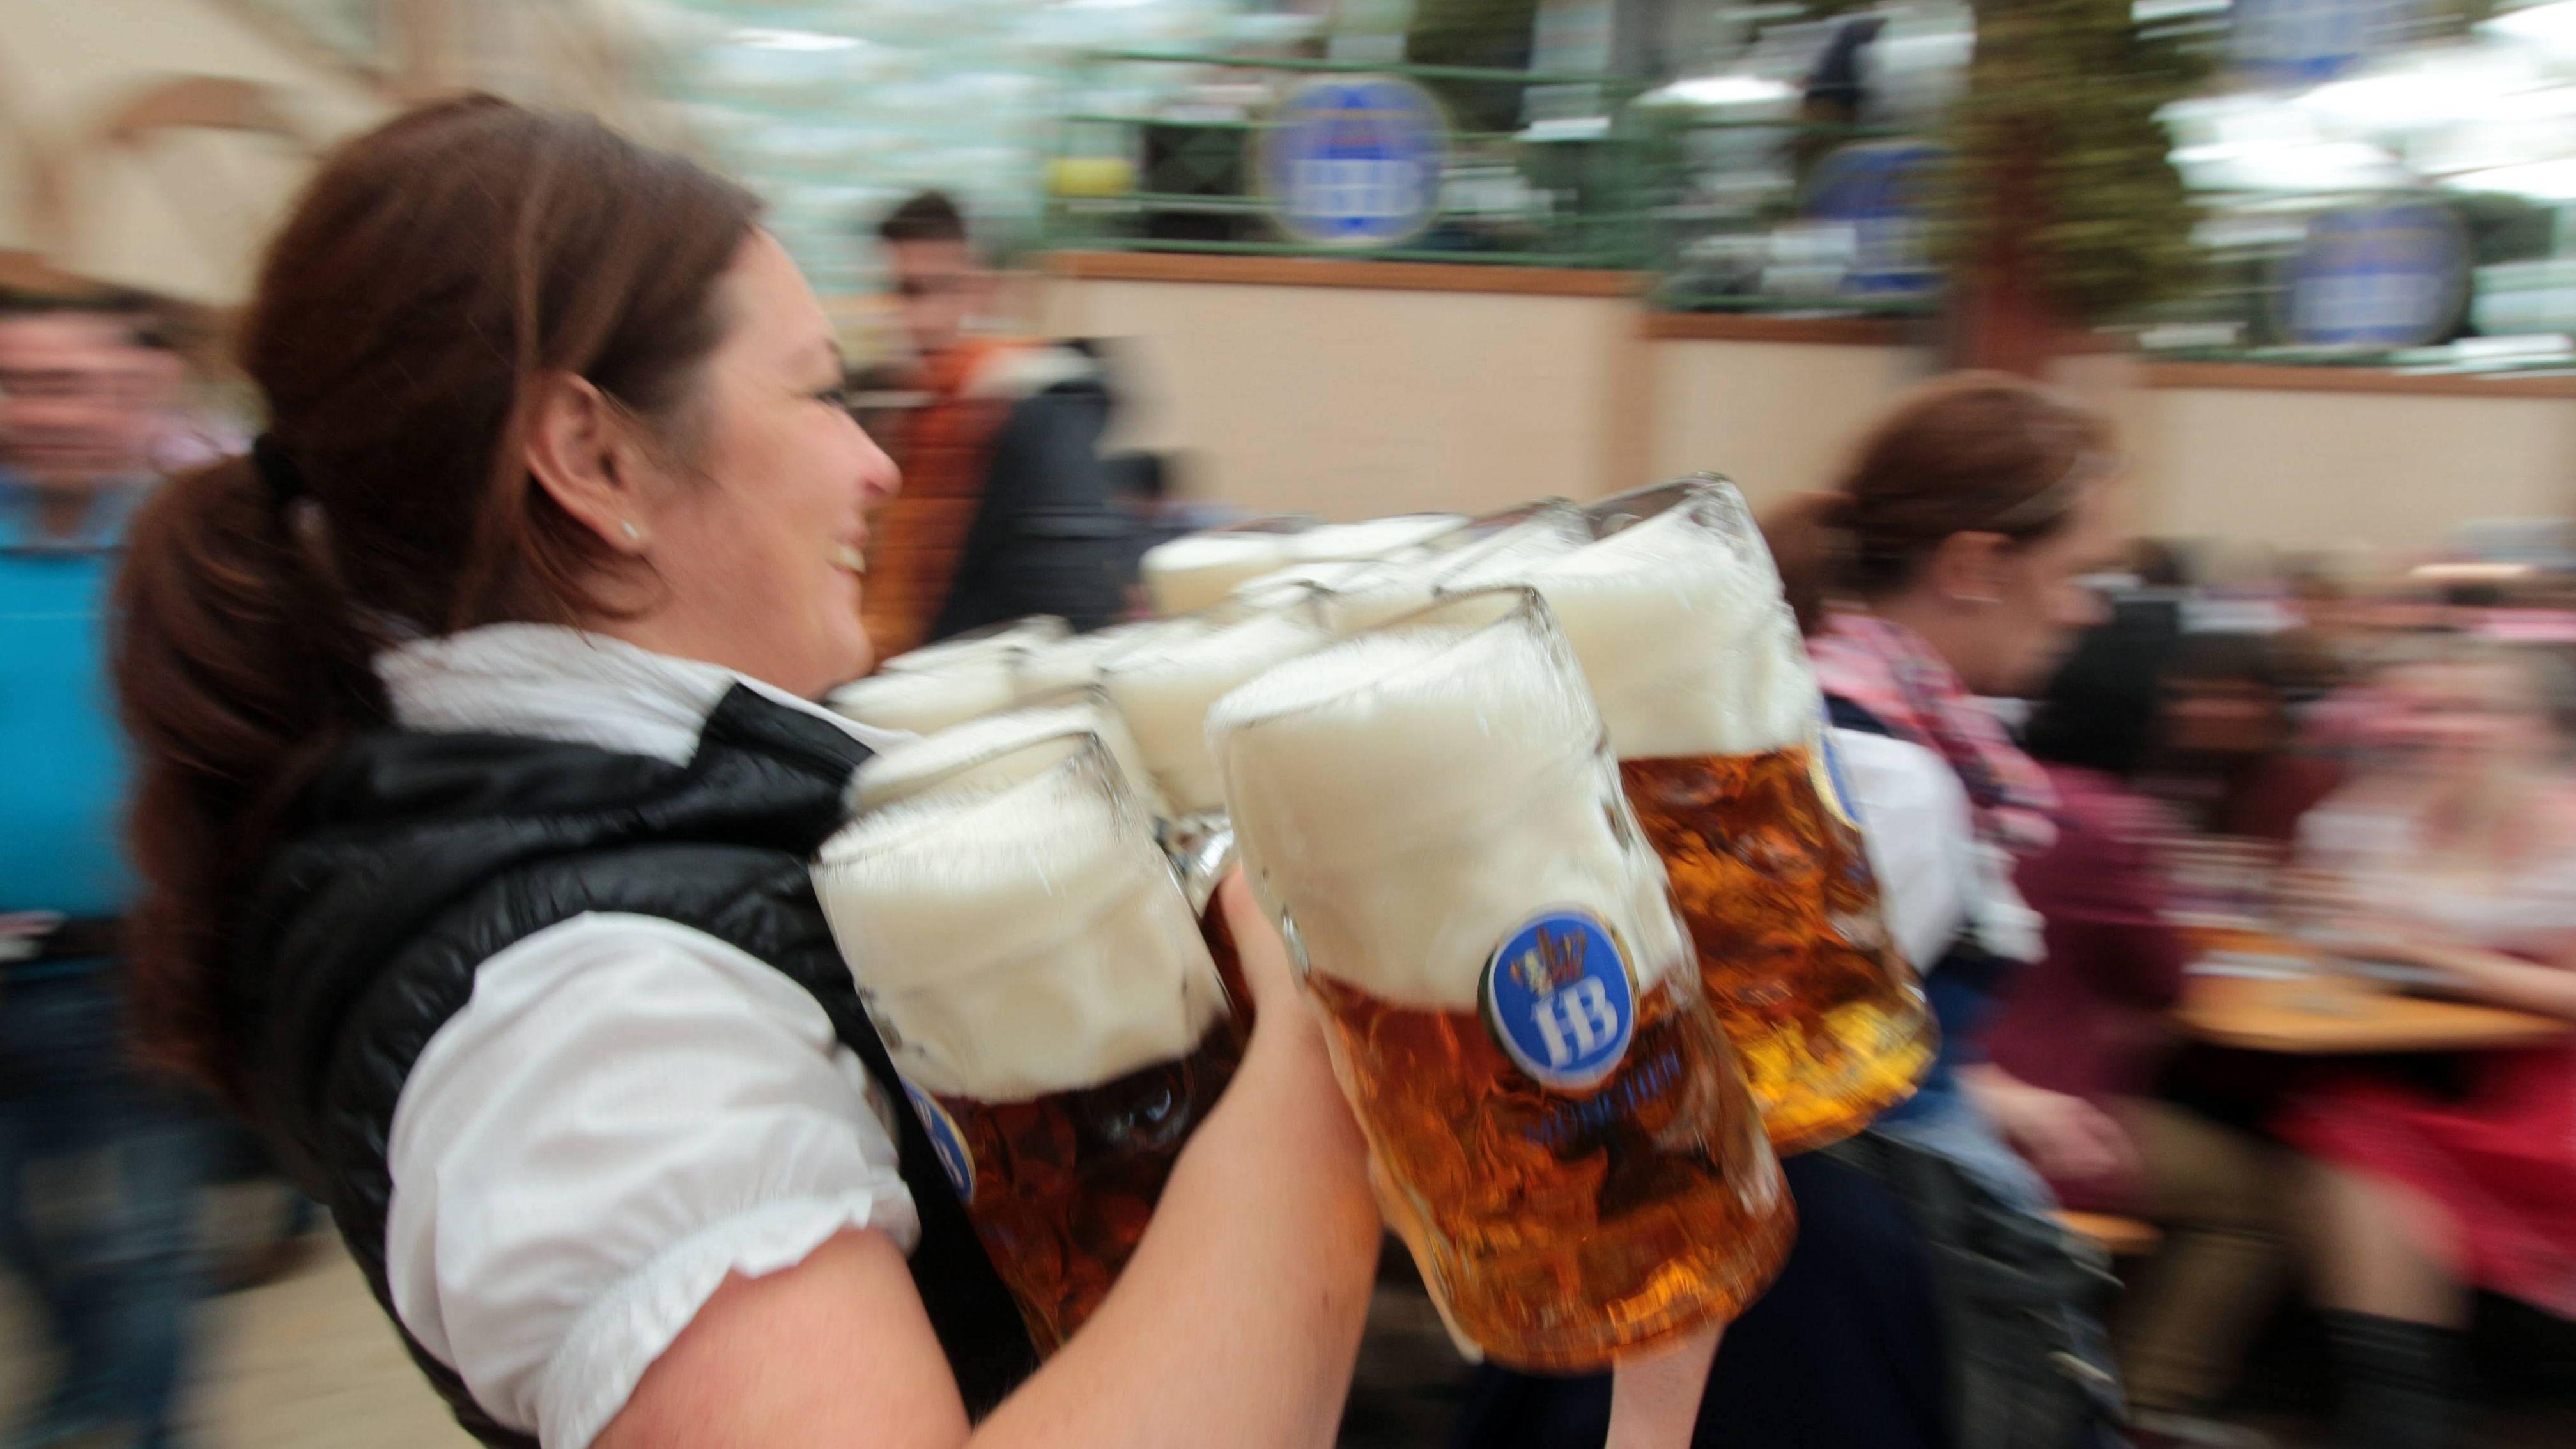 Wiesen-Bedienung, lachend mit Bierkrügen